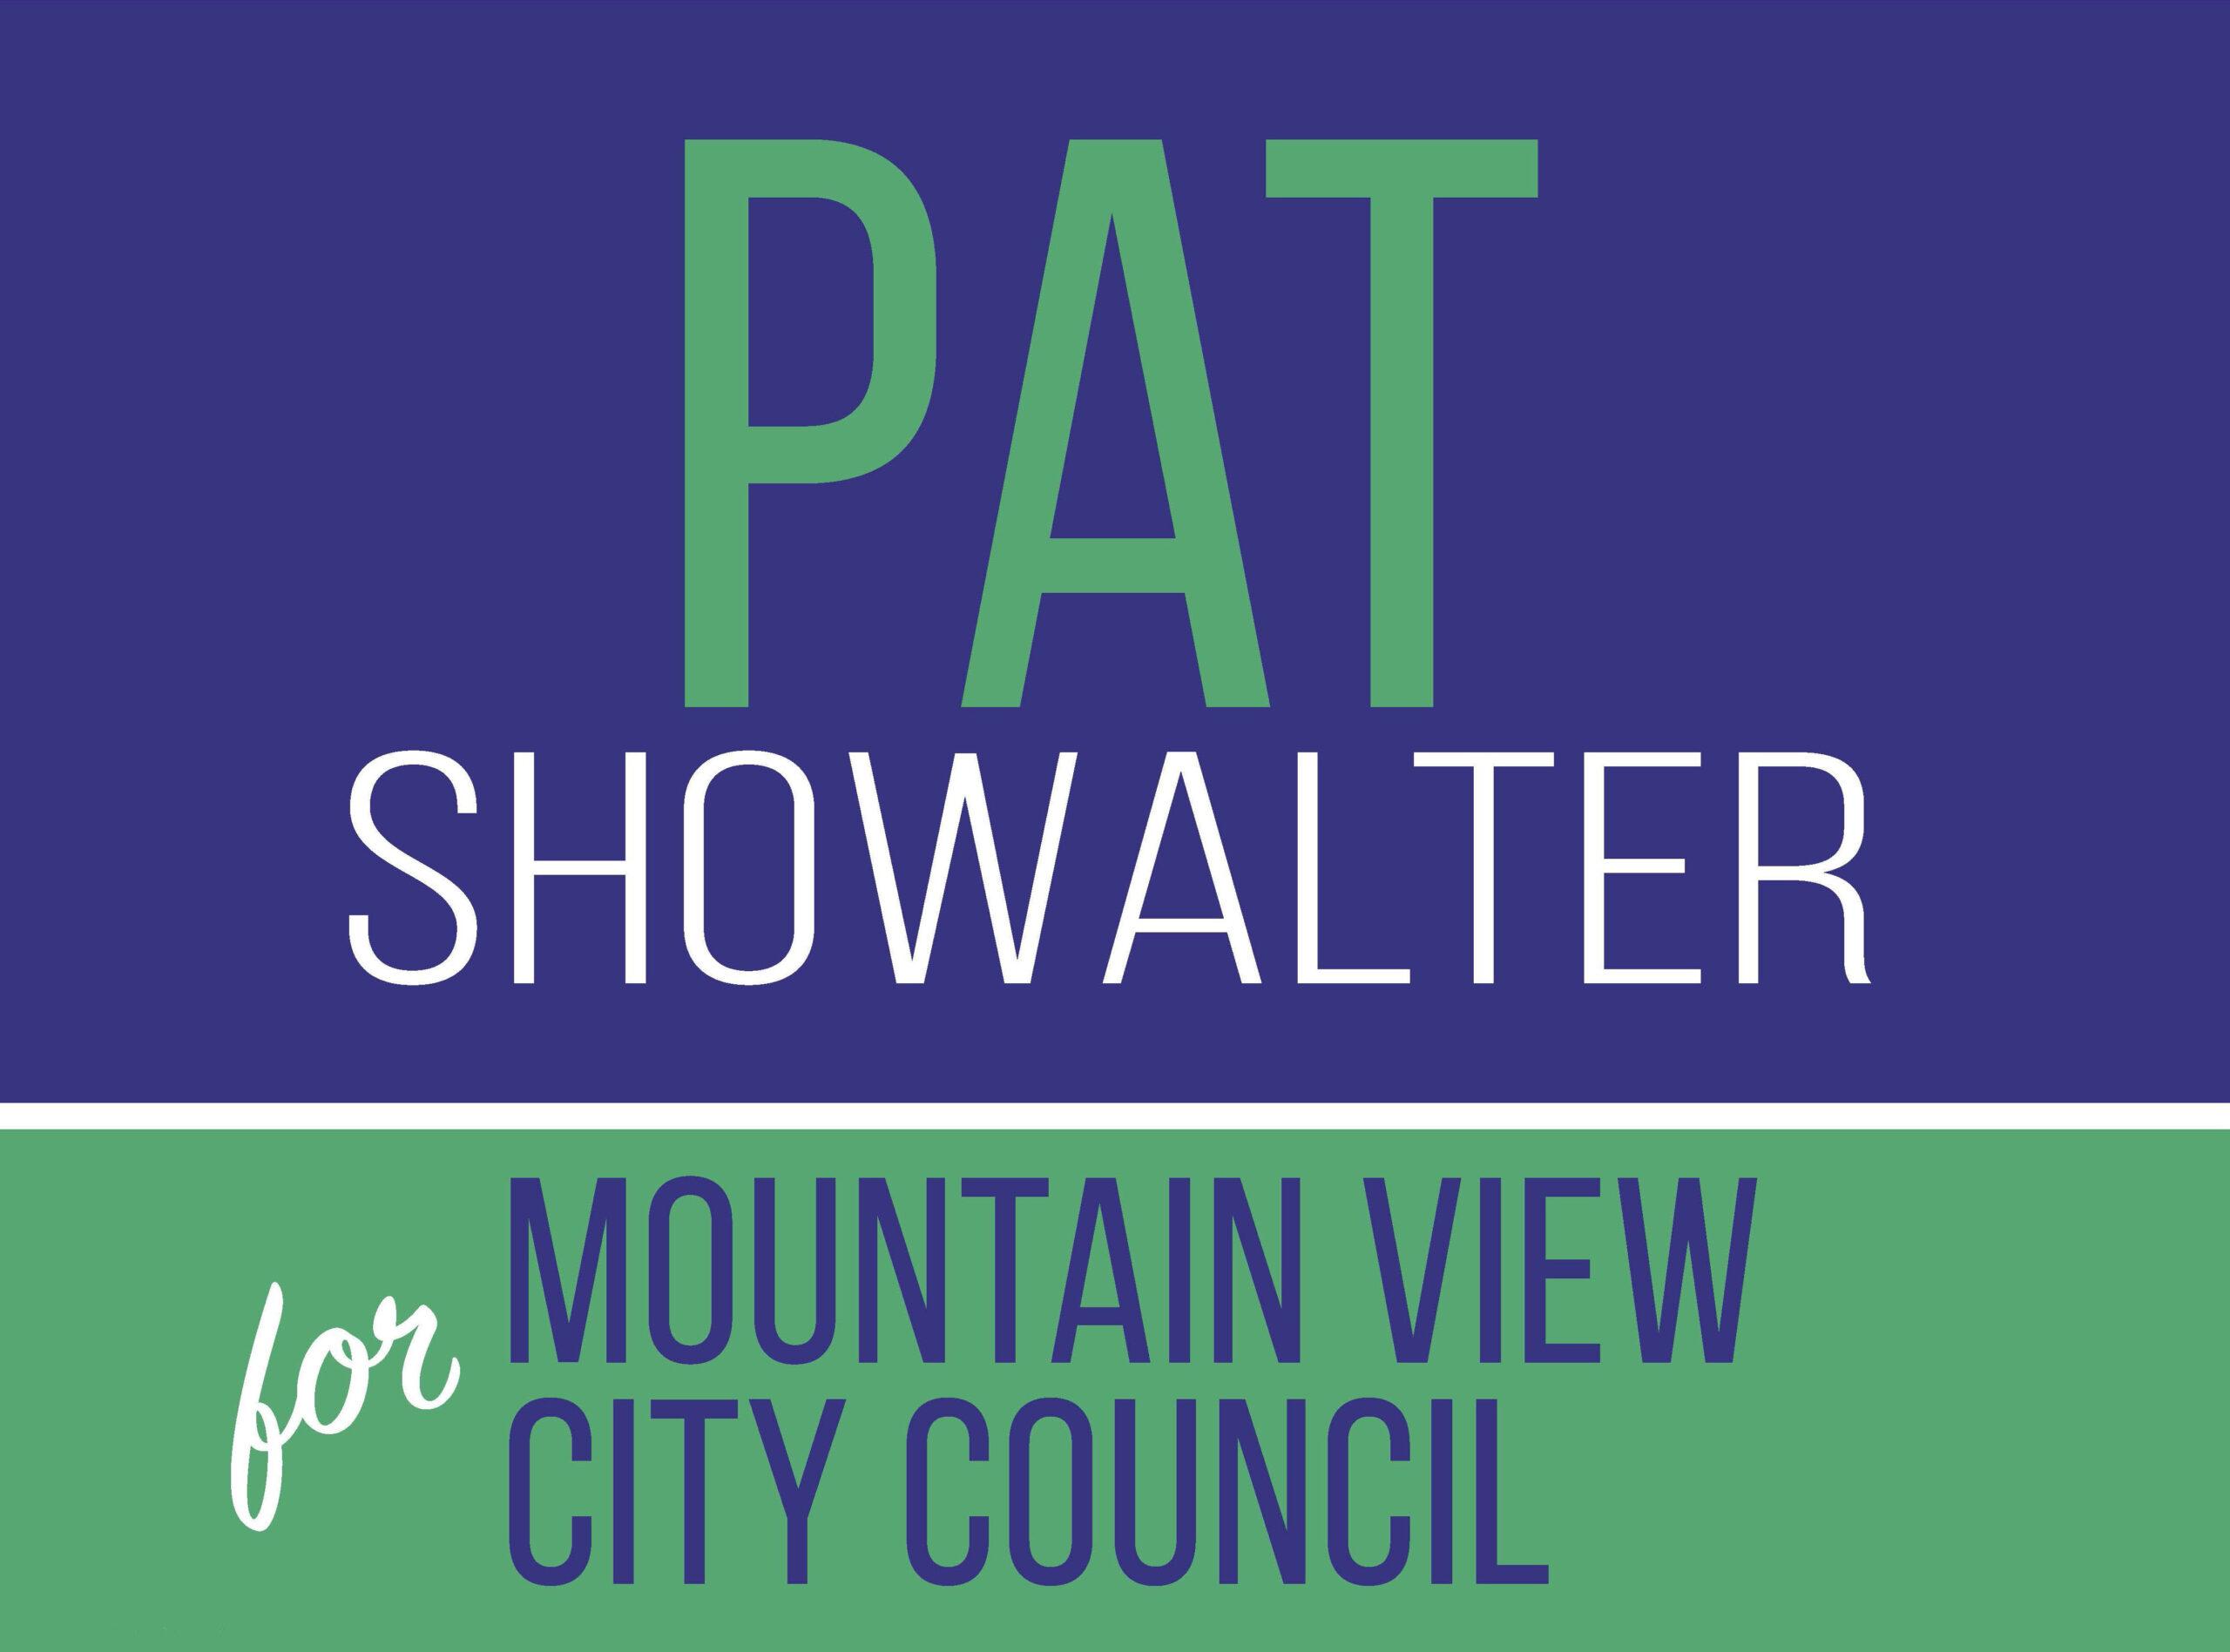 Pat Showalter